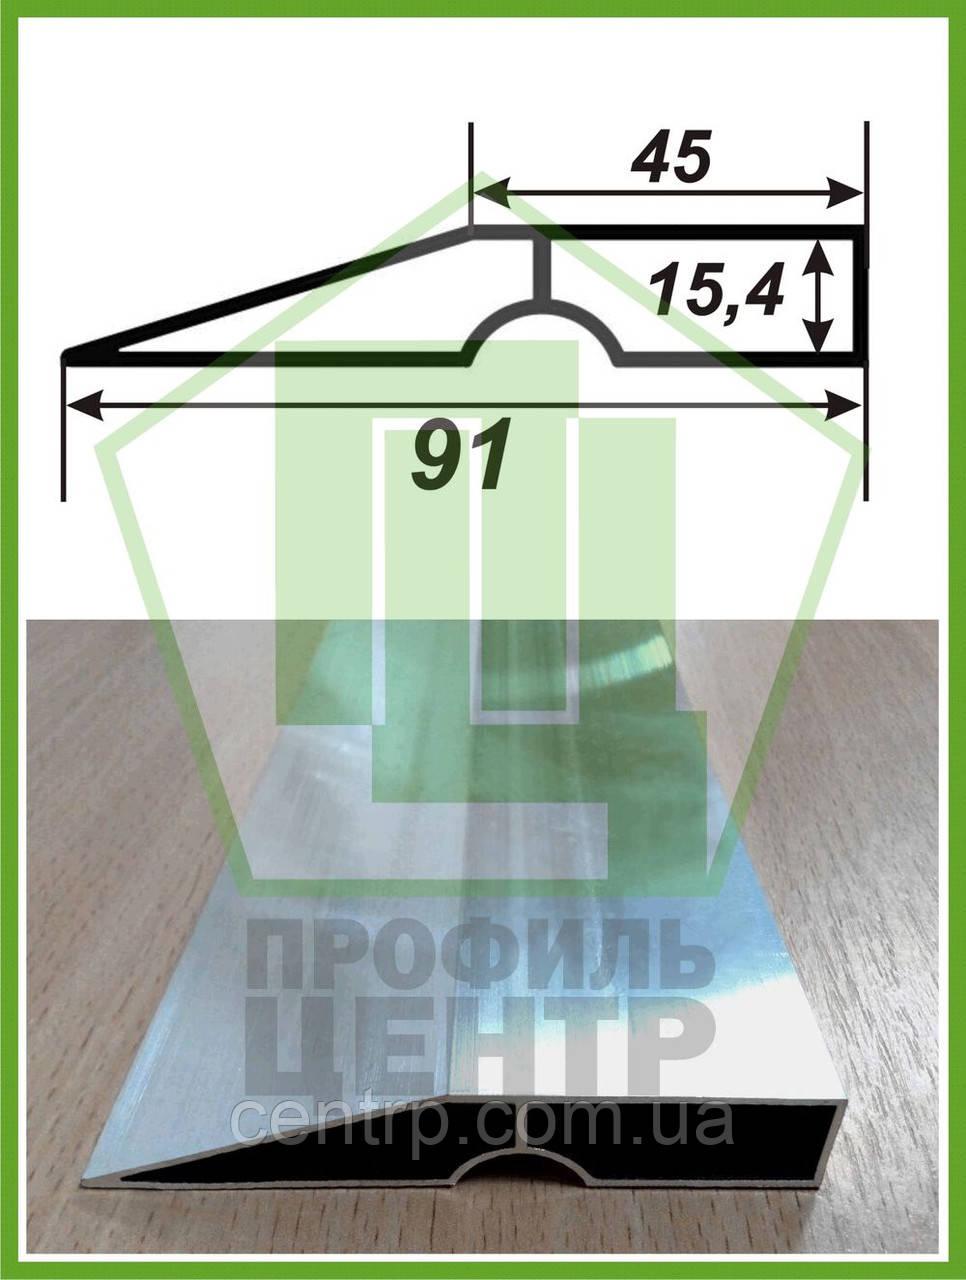 Правило усеченное строительное 2,5 м